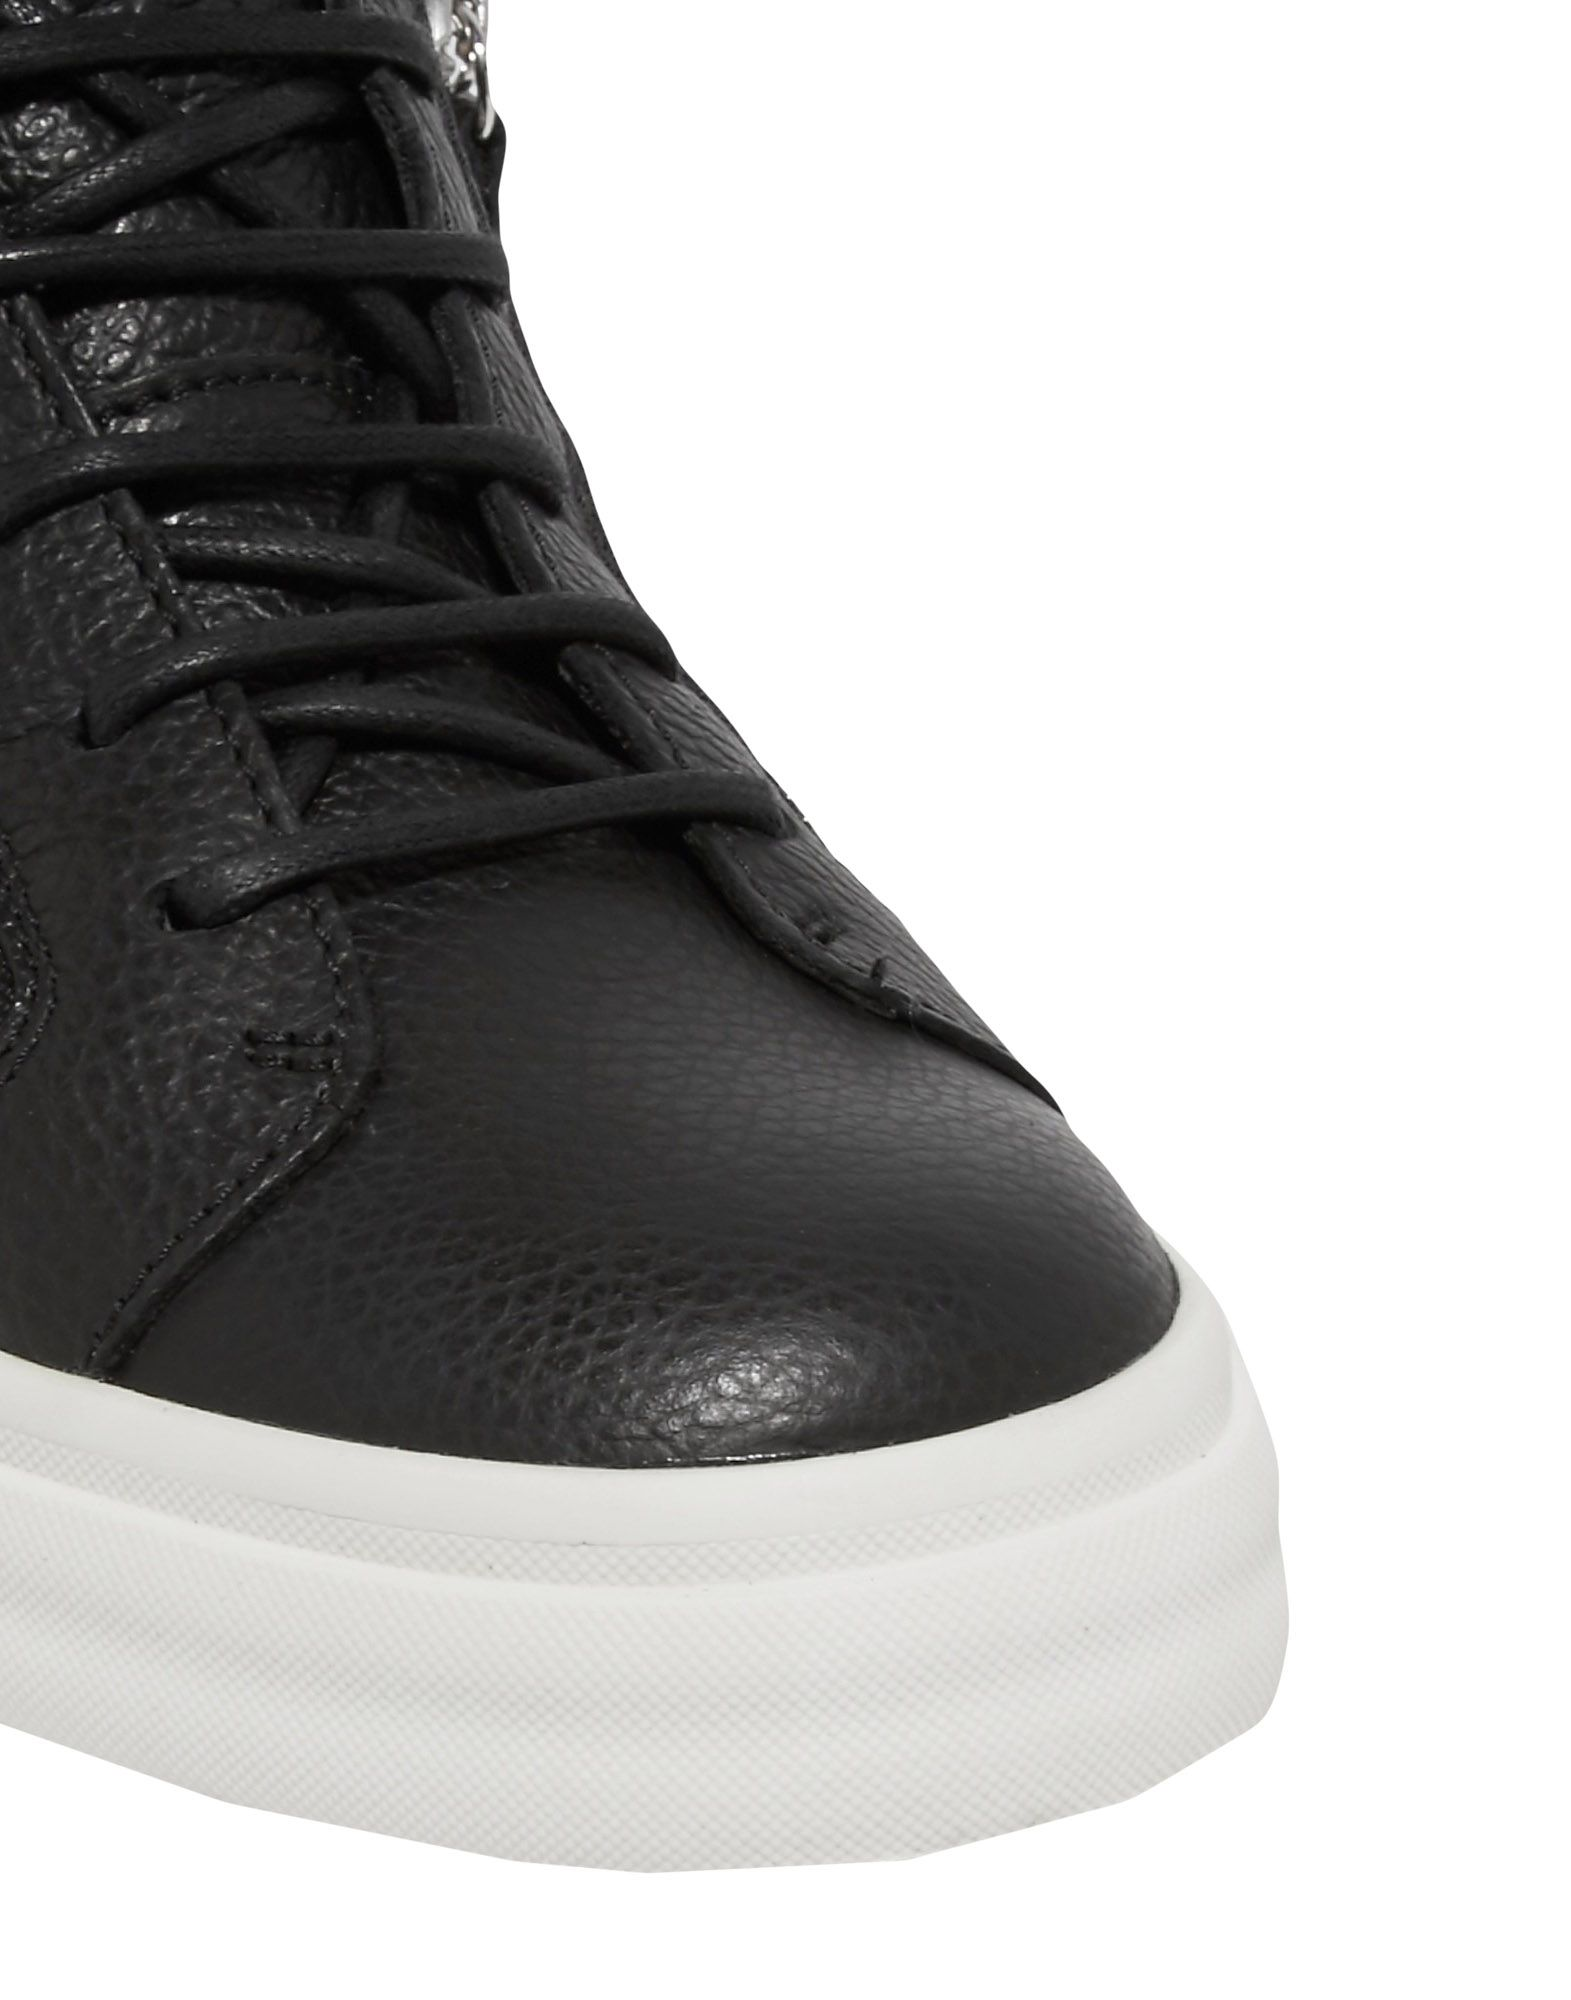 Giuseppe Zanotti gut Sneakers Damen  11513806HBGünstige gut Zanotti aussehende Schuhe 407d86